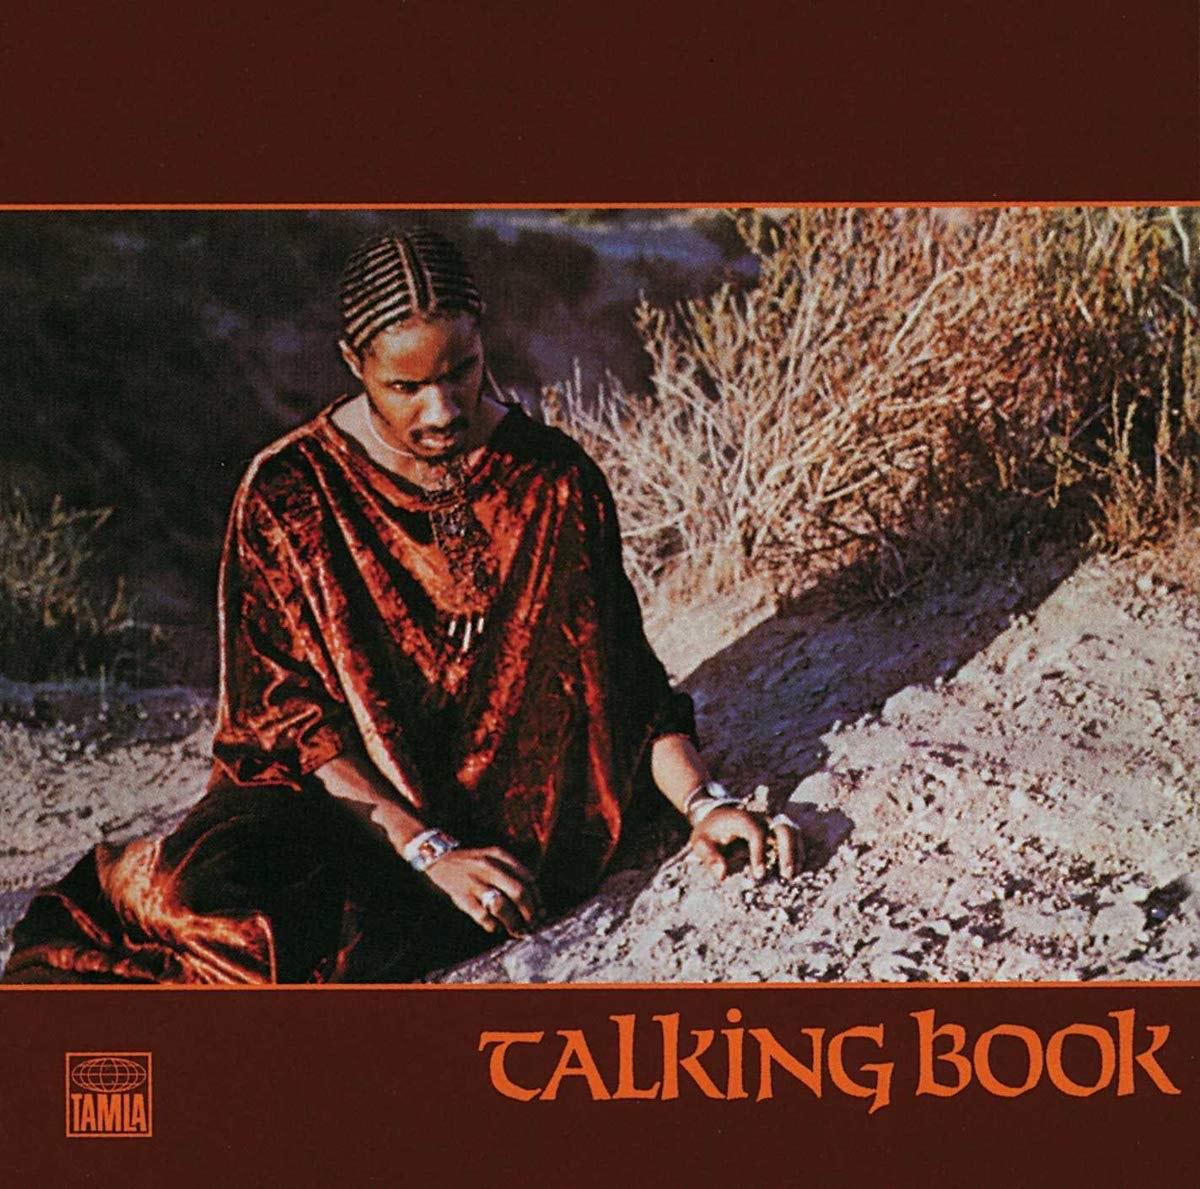 Talking-Book-Stevie-Wonder-1629393063